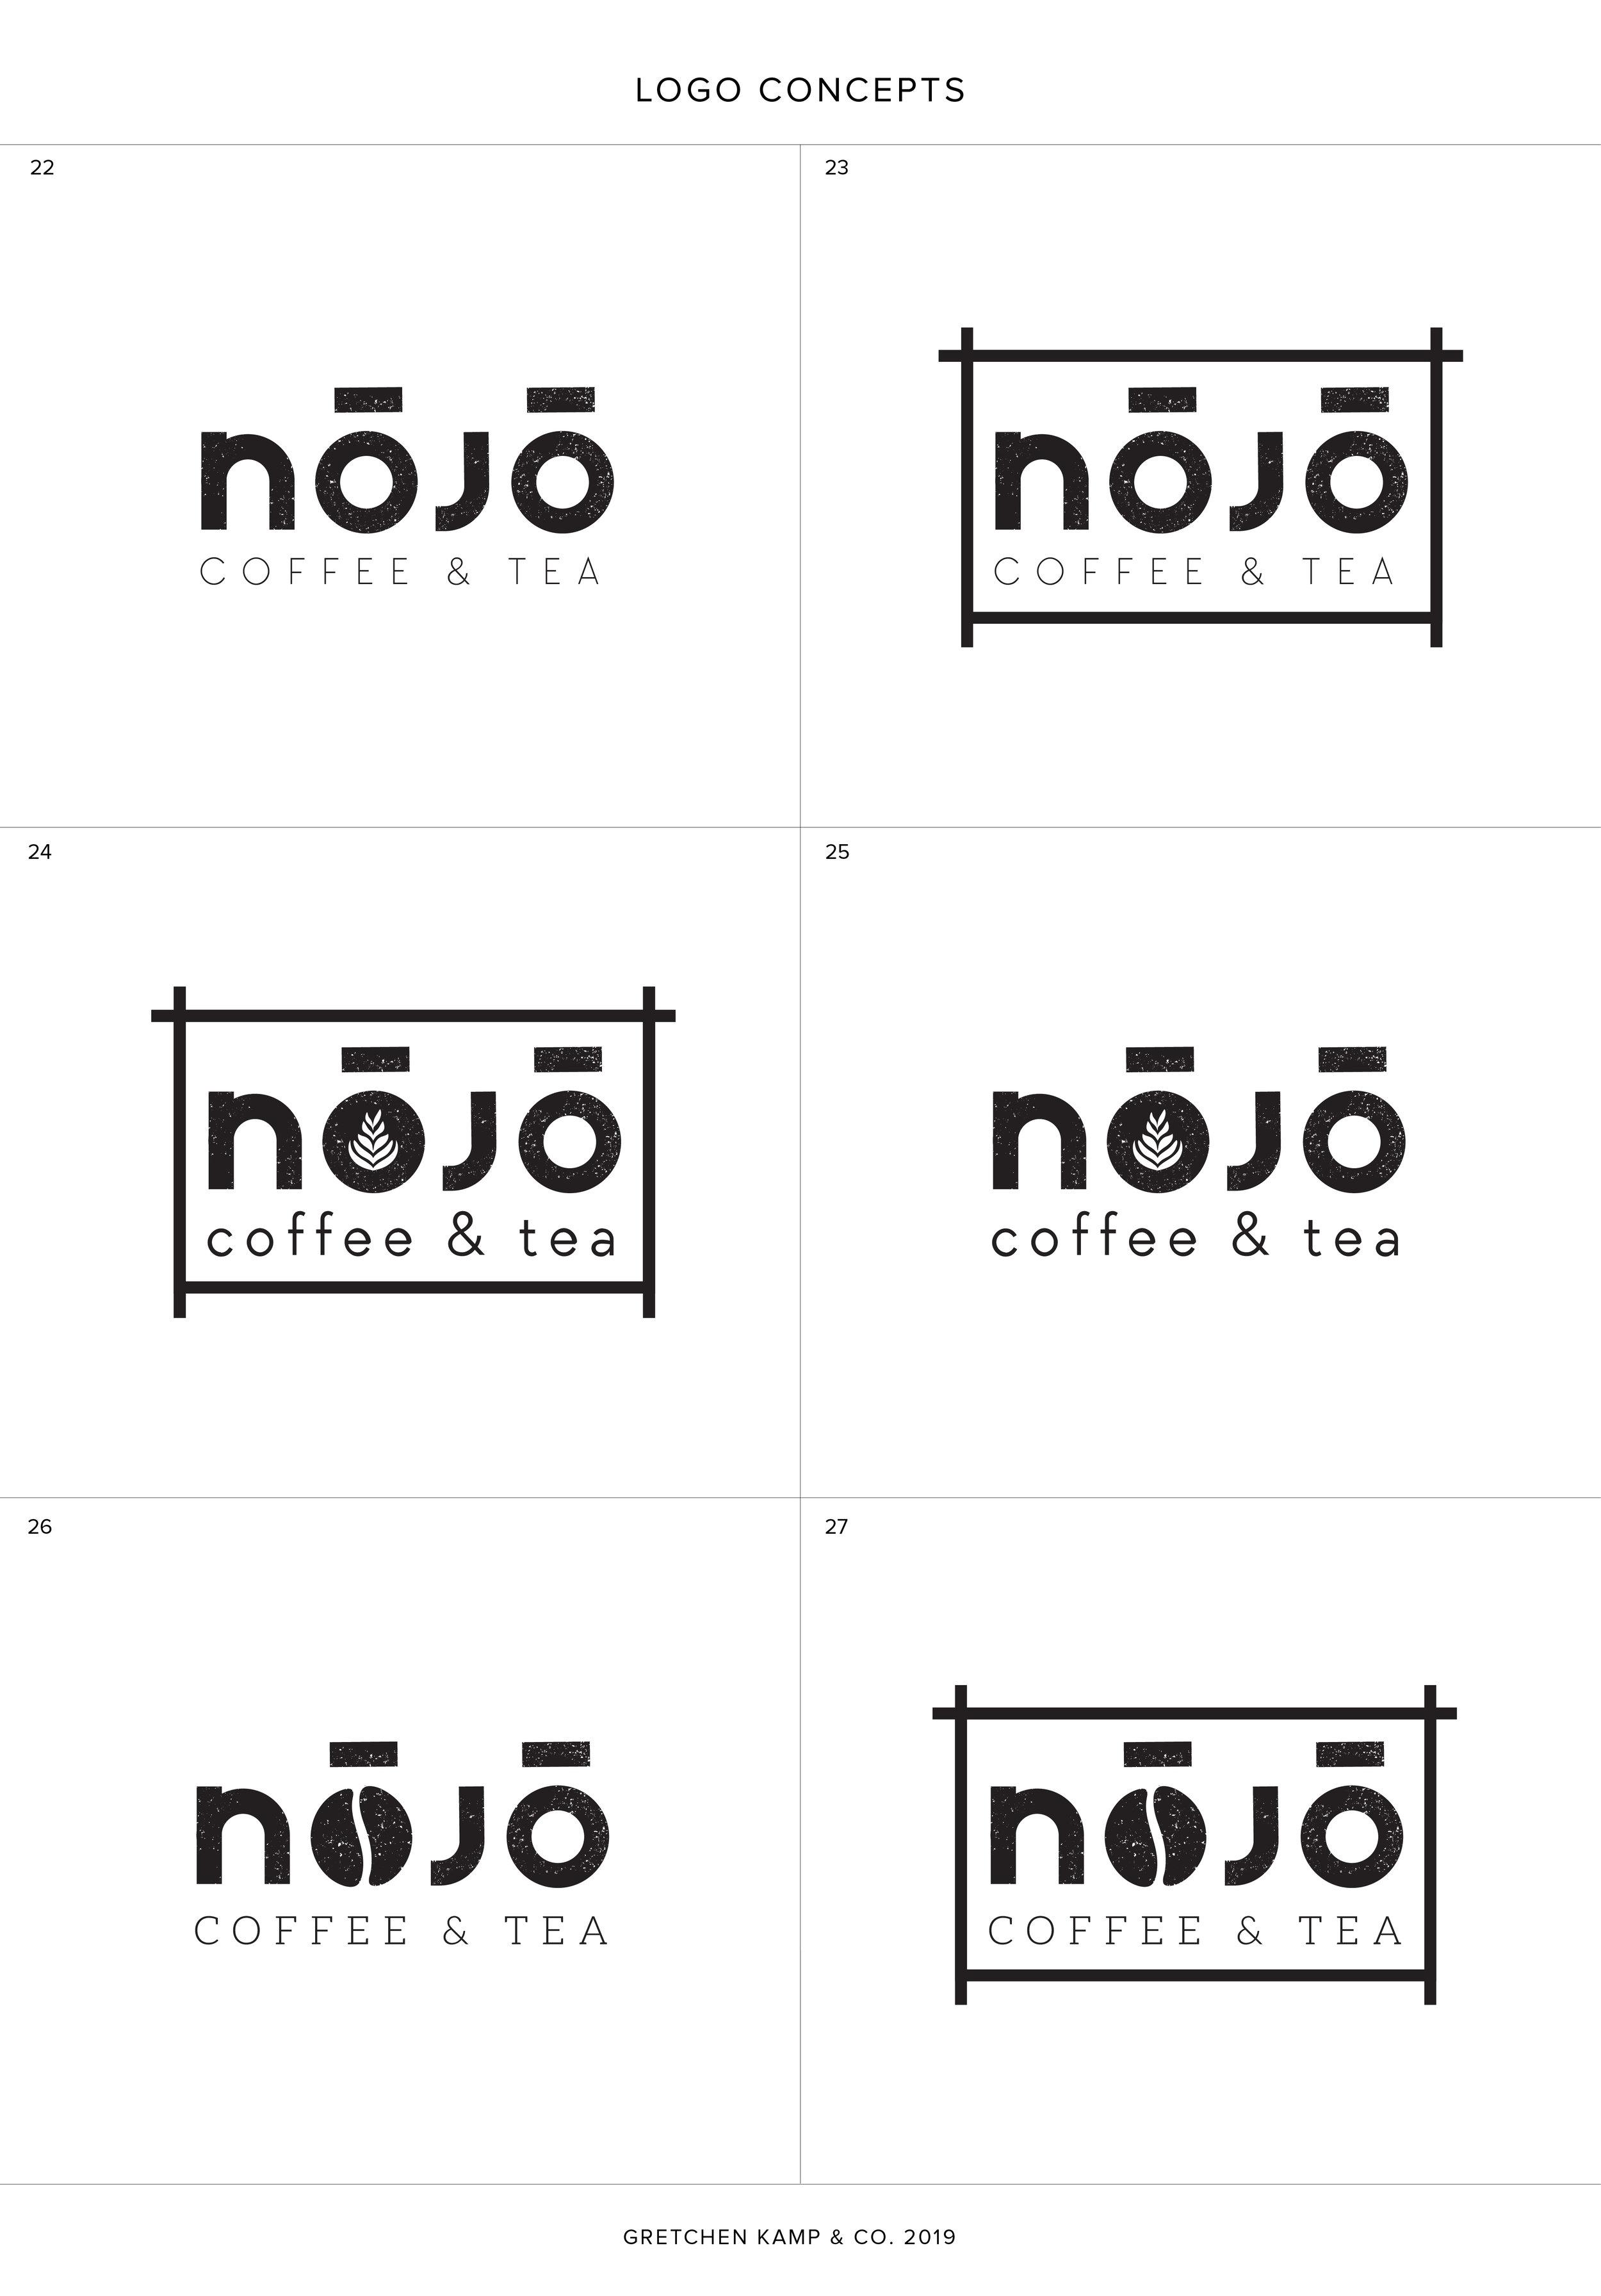 Nojo_Logos_v05-01.jpg